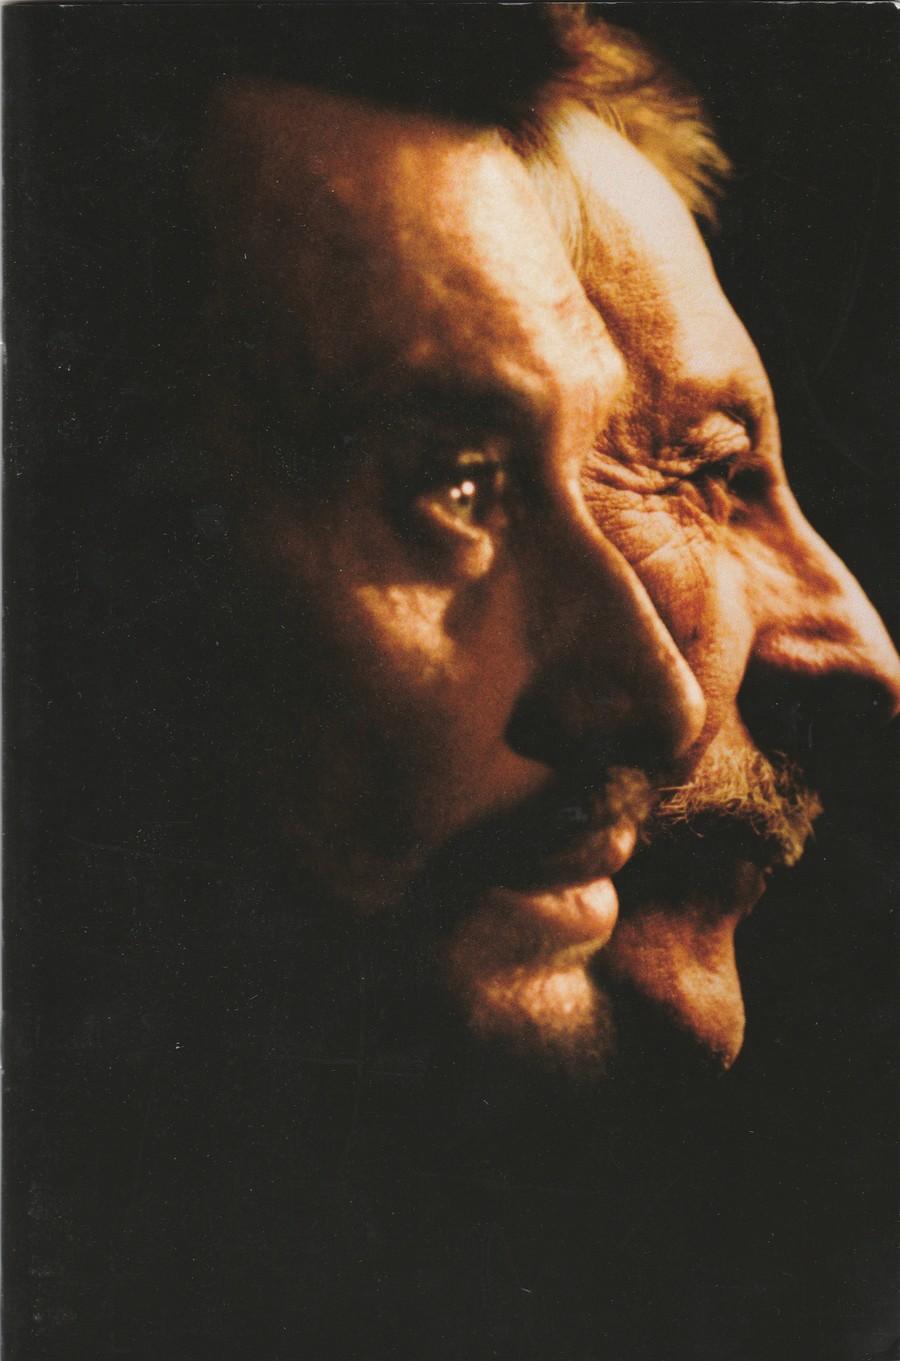 LES FILMS DE JOHNNY 'L'HOMME DU TRAIN' 2002 Img_2734